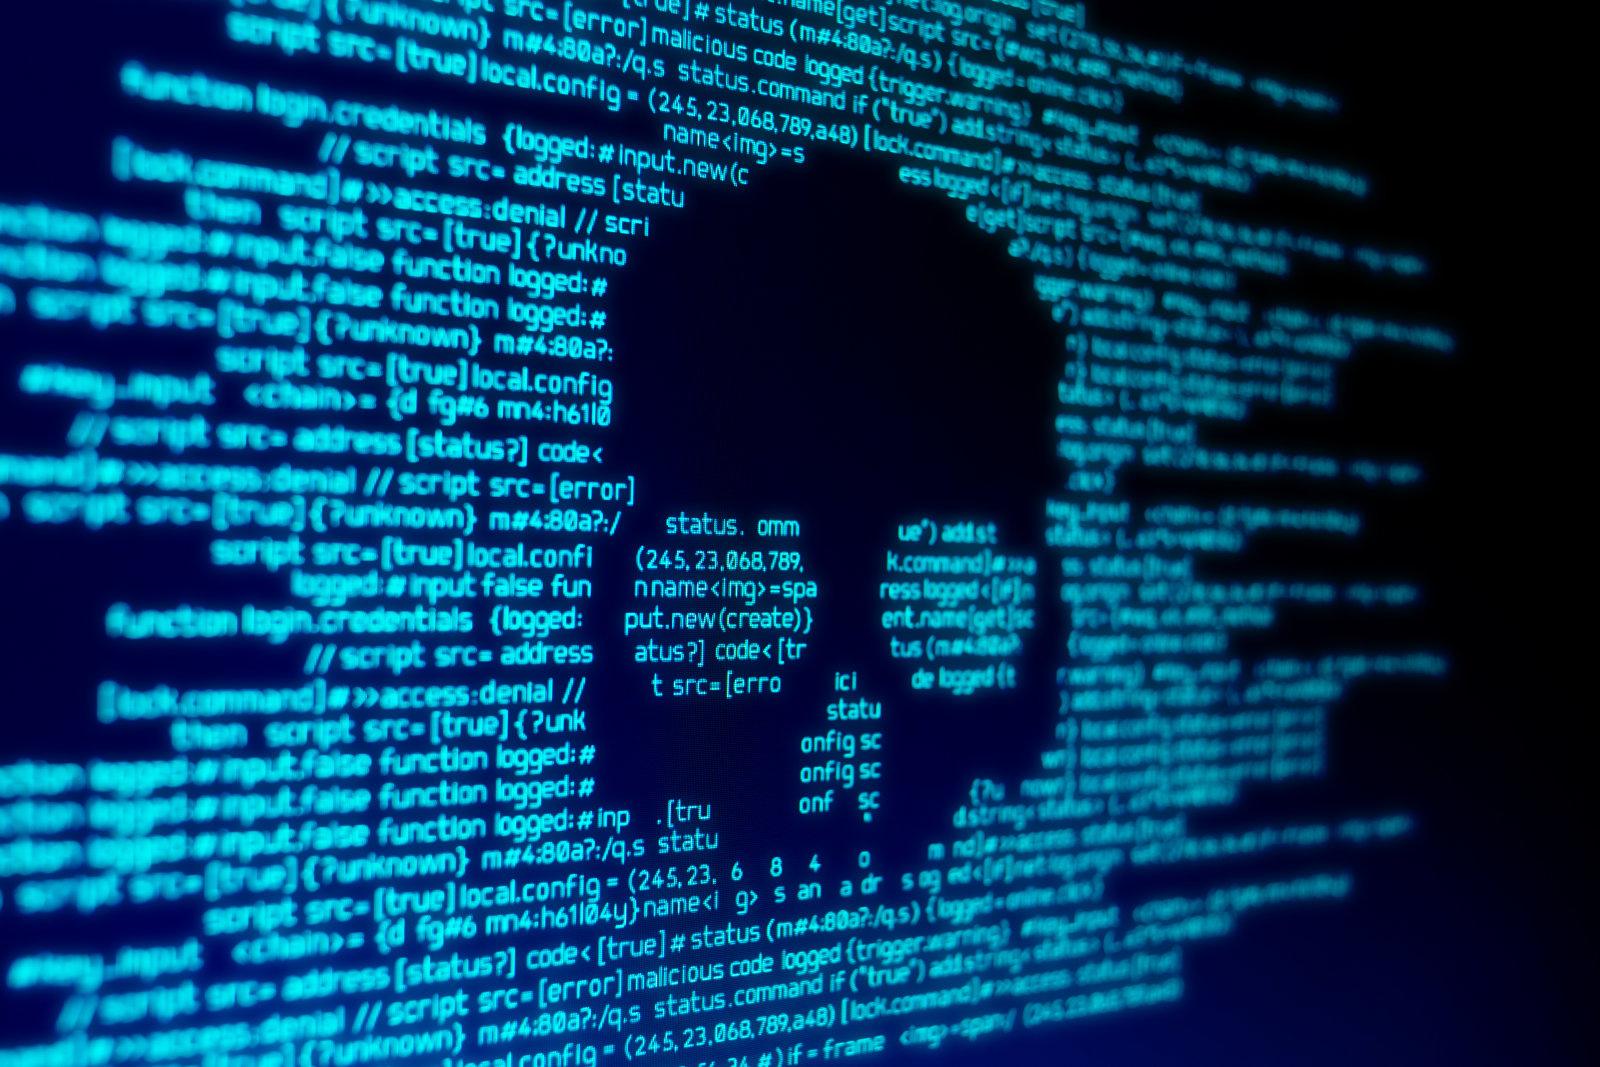 Come togliere il virus ransomware dai dispositivi pc smartphne tablet ecc.